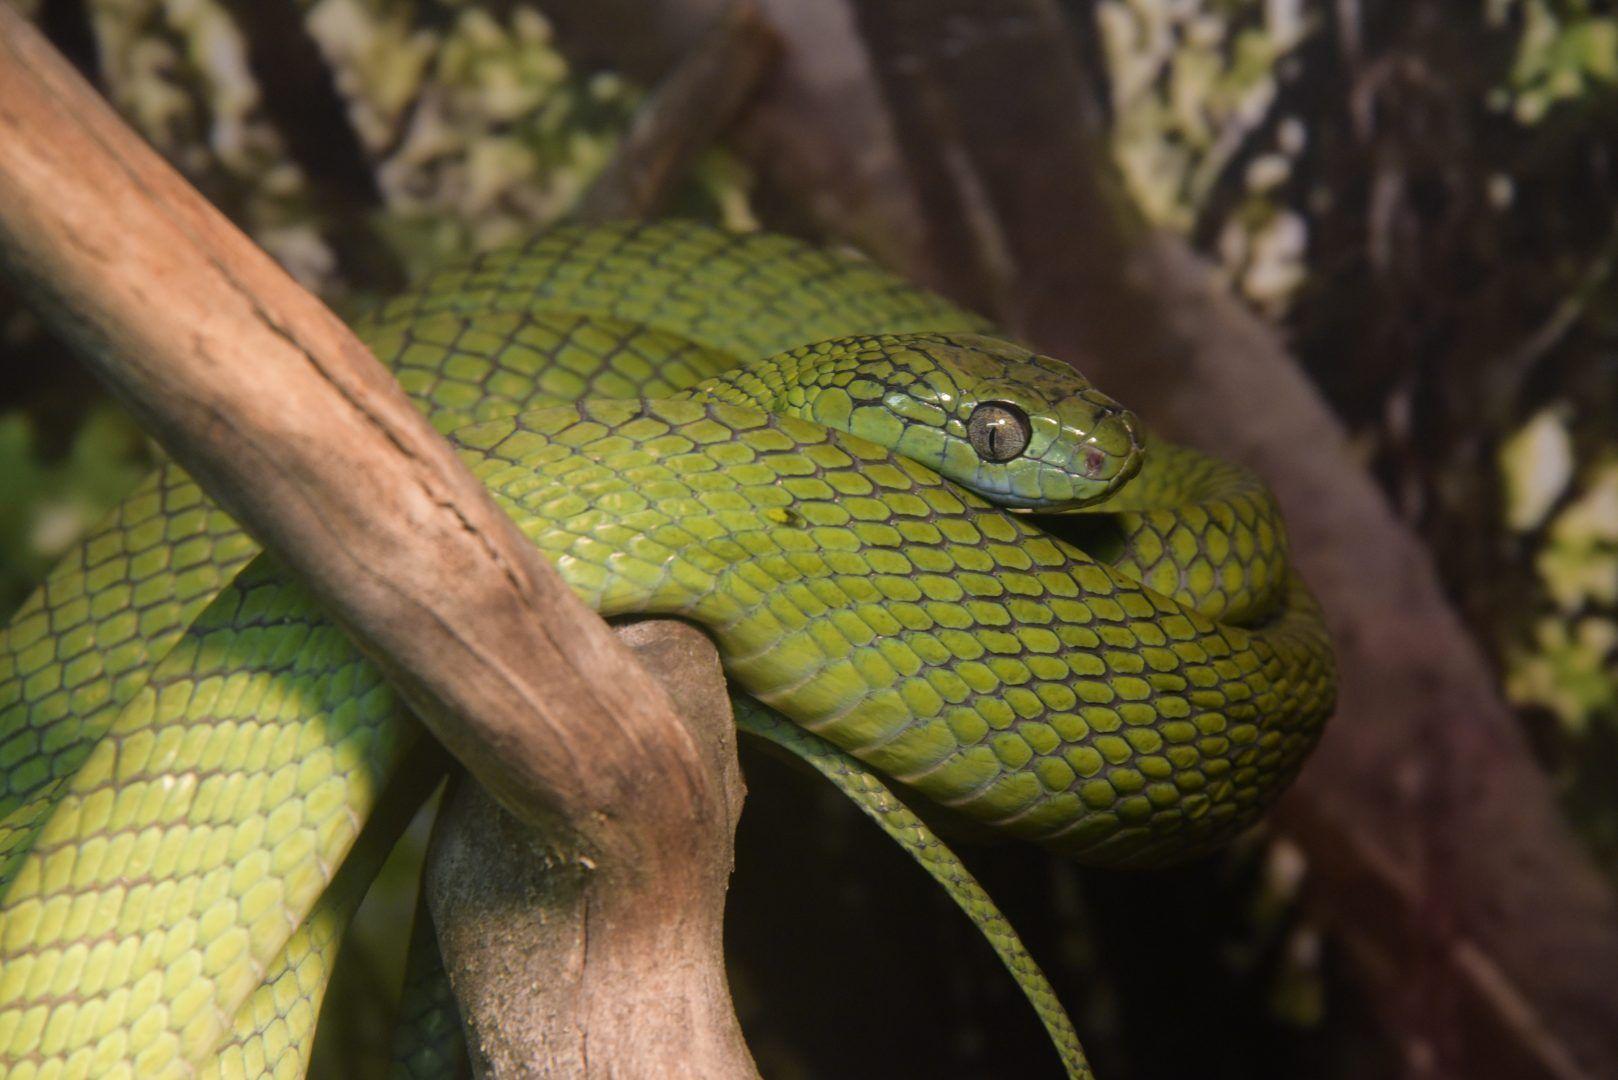 Змеи достаточно самостоятельные питомцы. Фото: Антон Гердо